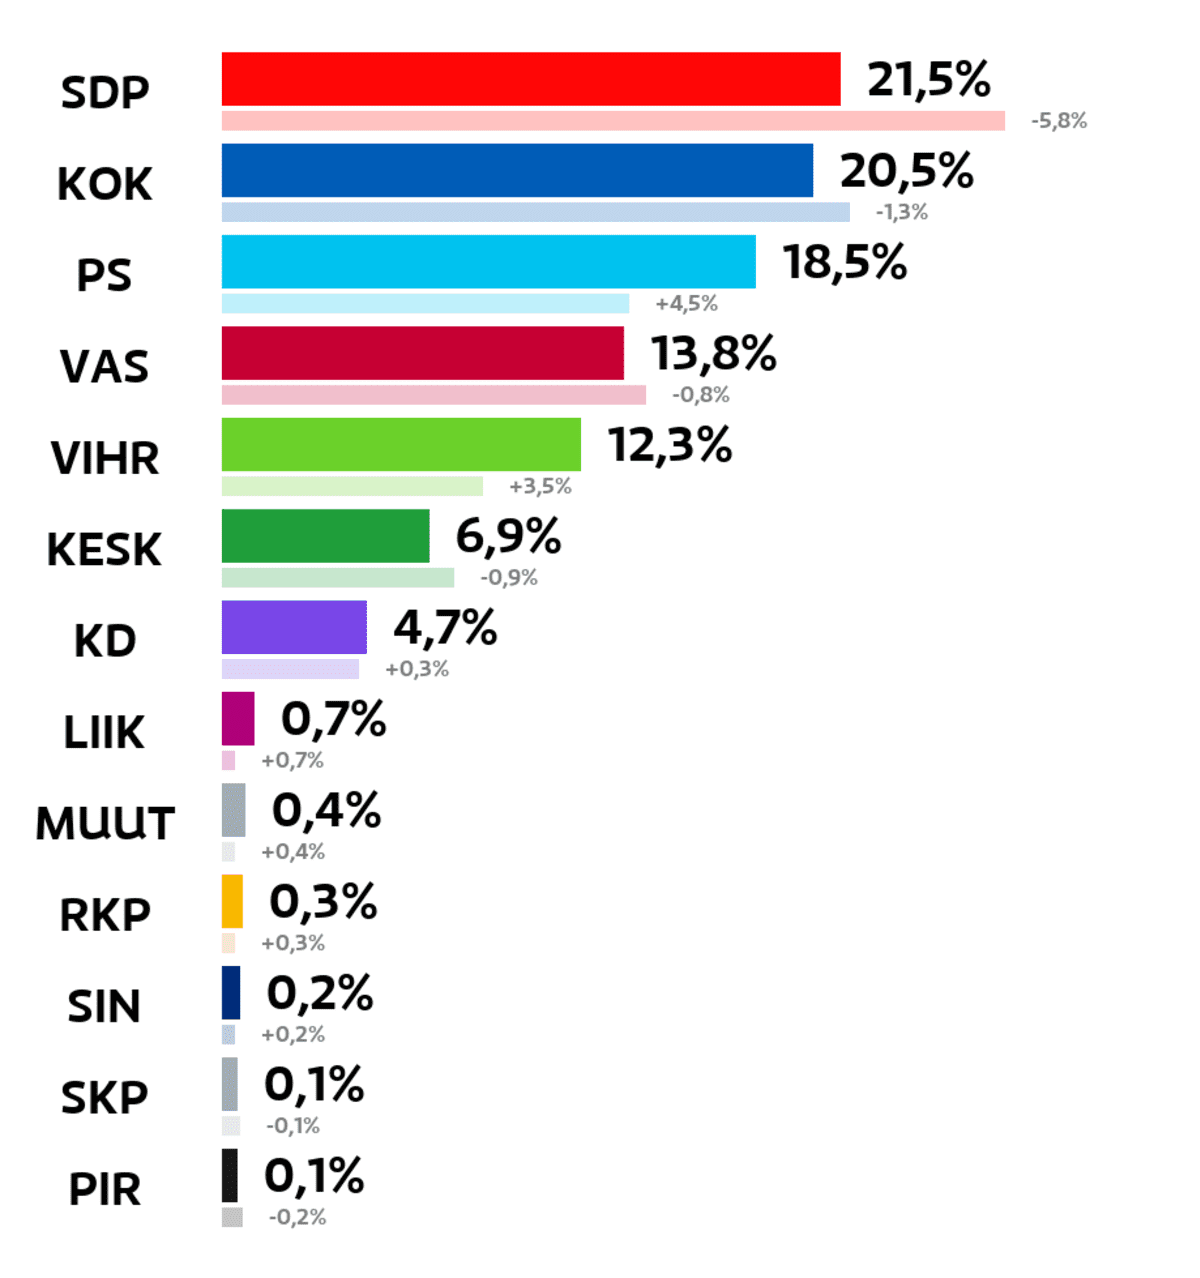 Pori: Kuntavaalien tulos (%) SDP: 21,5 prosenttia Kokoomus: 20,5 prosenttia Perussuomalaiset: 18,5 prosenttia Vasemmistoliitto: 13,8 prosenttia Vihreät: 12,3 prosenttia Keskusta: 6,9 prosenttia Kristillisdemokraatit: 4,7 prosenttia Liike Nyt: 0,7 prosenttia Muut ryhmät: 0,4 prosenttia RKP: 0,3 prosenttia Sininen tulevaisuus: 0,2 prosenttia Suomen Kommunistinen Puolue: 0,1 prosenttia Piraattipuolue: 0,1 prosenttia